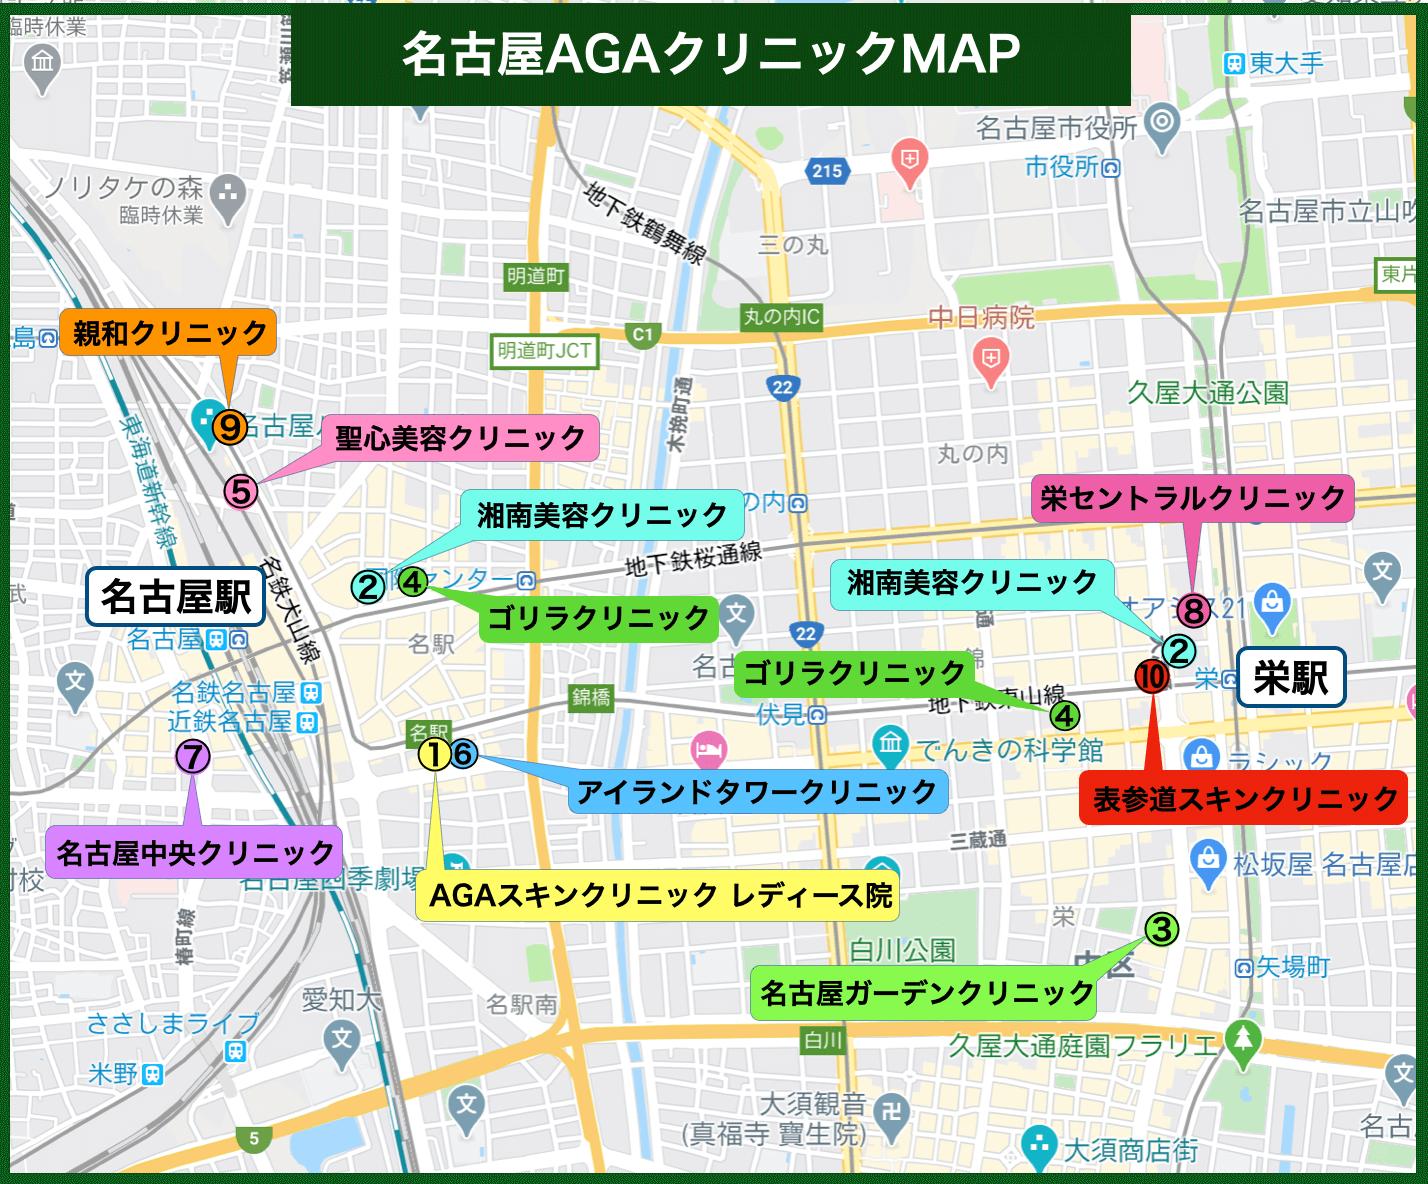 名古屋 AGAクリニックMAP